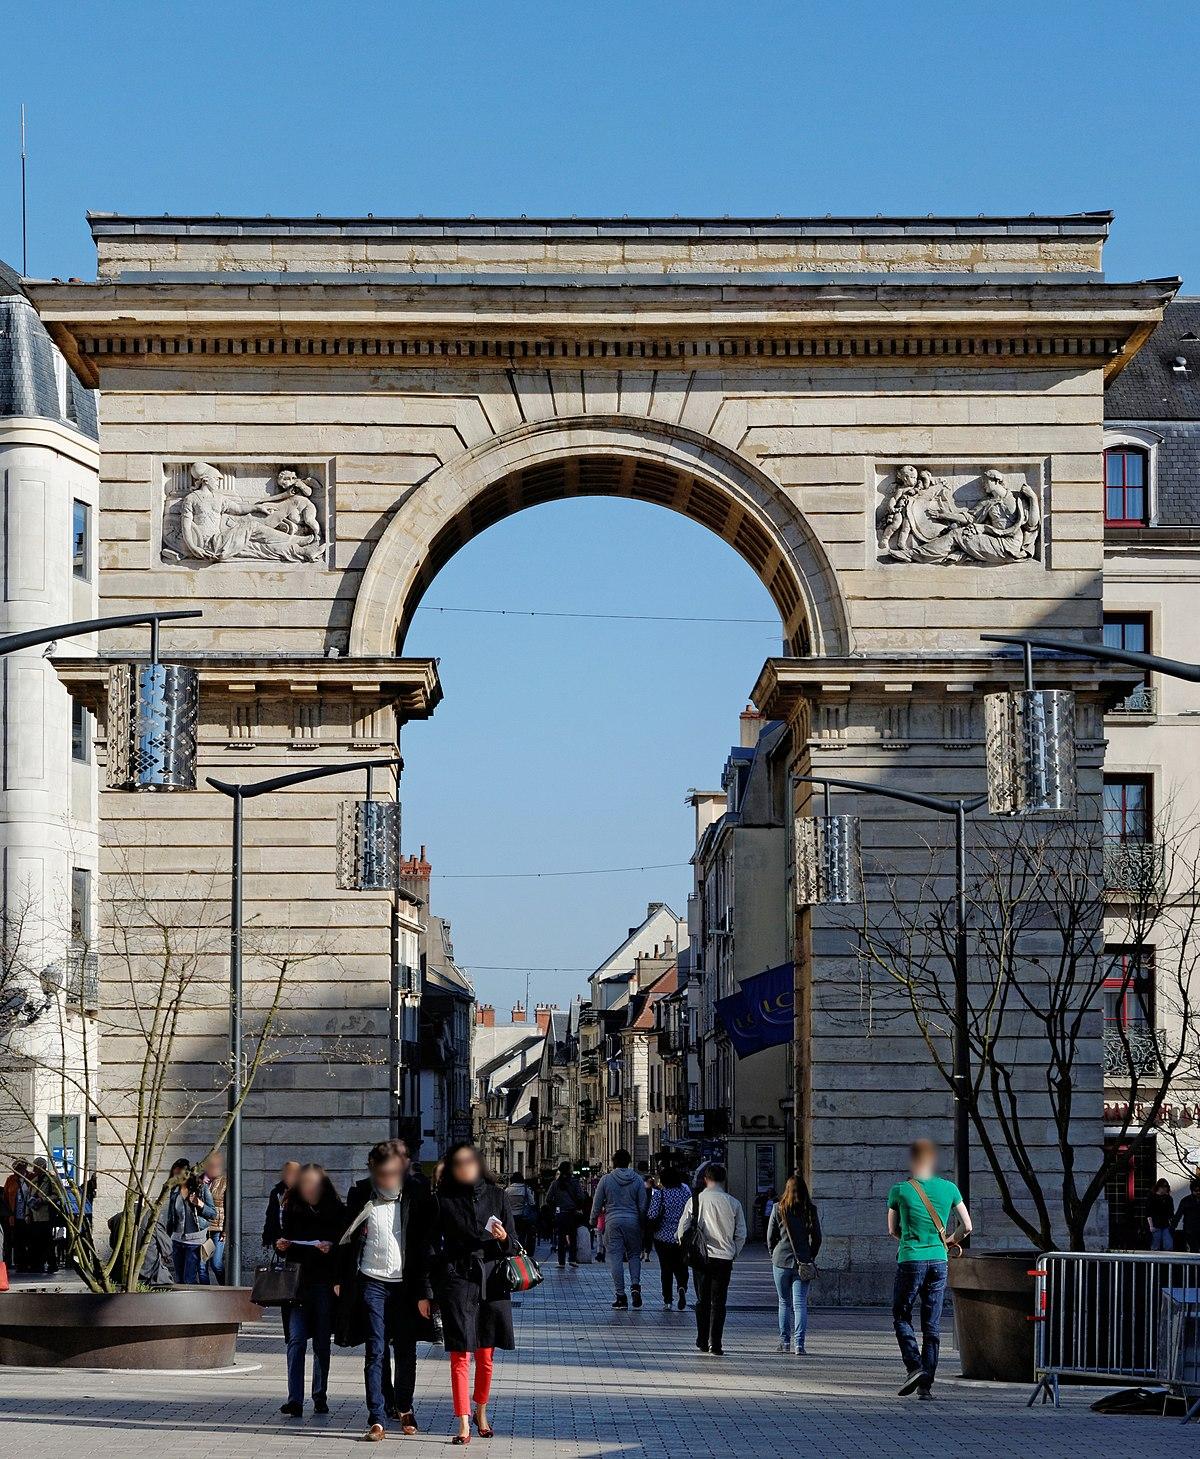 Comment Se Rendre Au Centre Ville De Porta Nova Verona